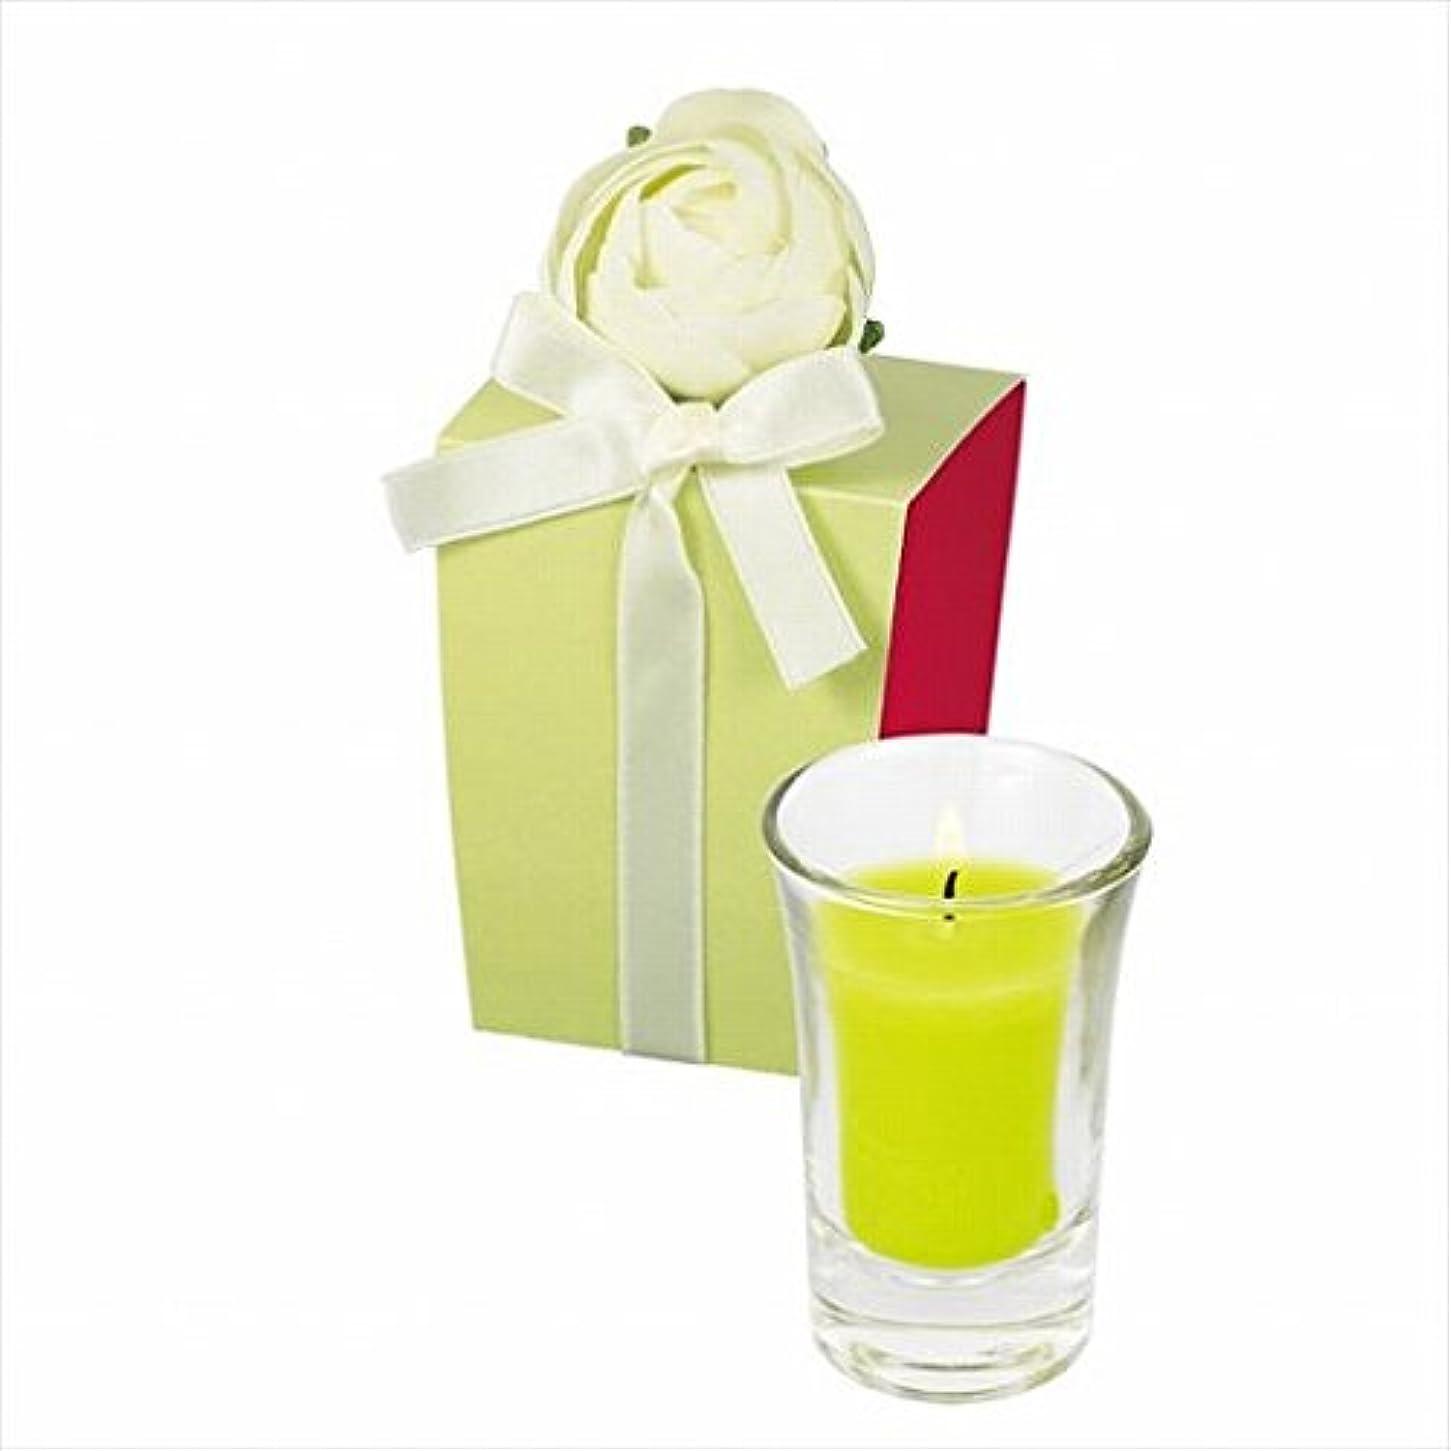 報酬召喚する志すカメヤマキャンドル(kameyama candle) ラナンキュラスグラスキャンドル 「 ライトグリーン 」